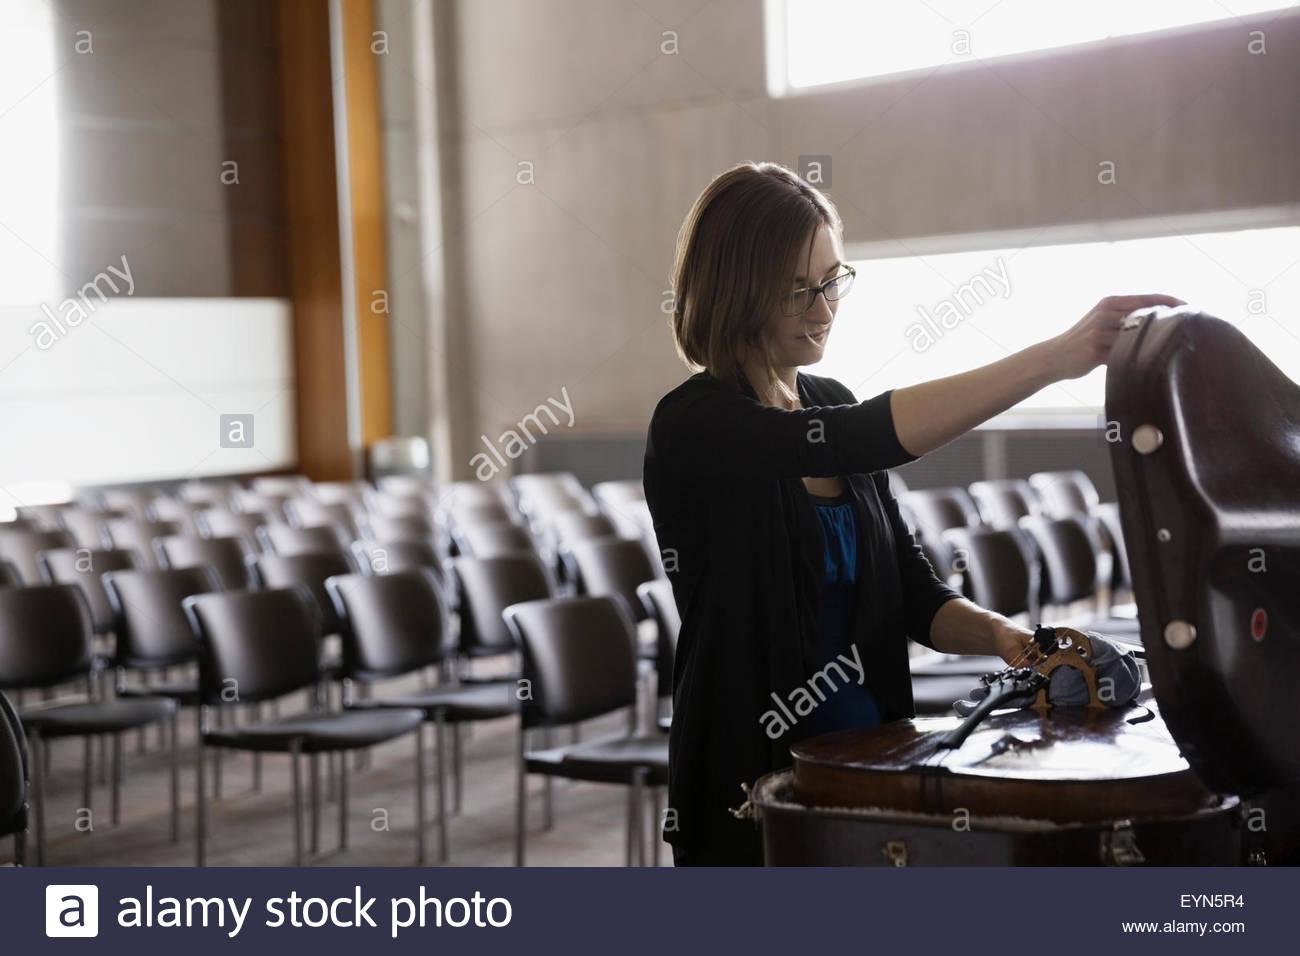 Female cellist opening cello case in auditorium - Stock Image